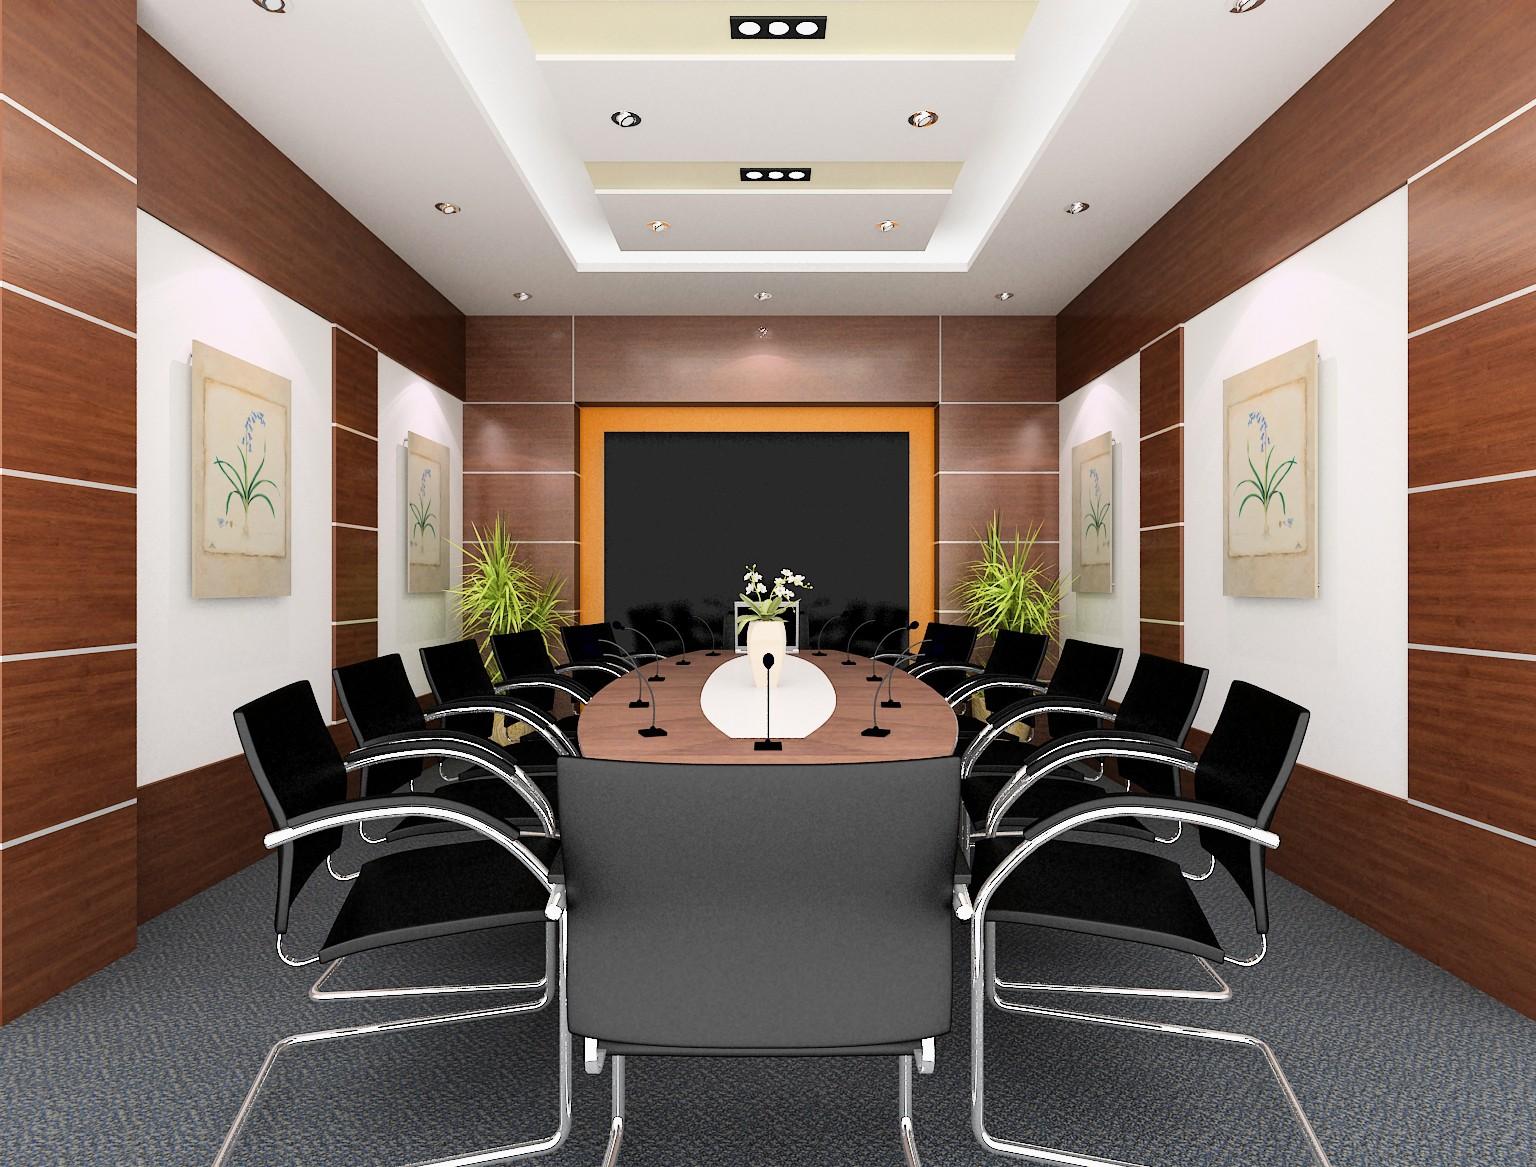 Bàn họp hình Oval kết hợp ghế chân quỳ cho văn phòng hiện đại